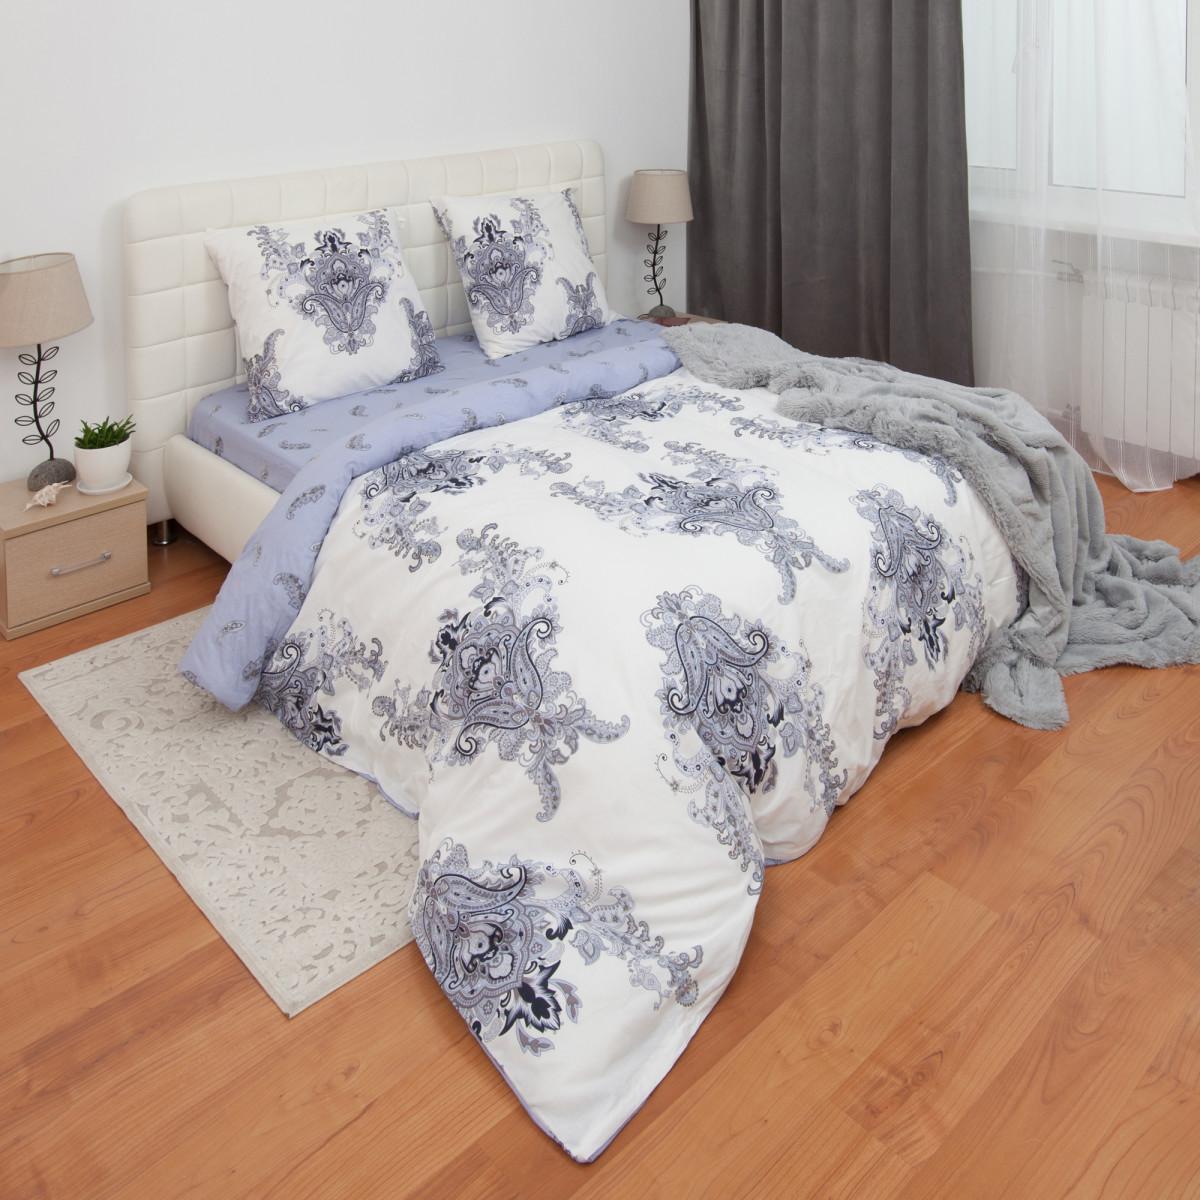 Комплект Постельного Белья Roshel Евро Поплин 50x70